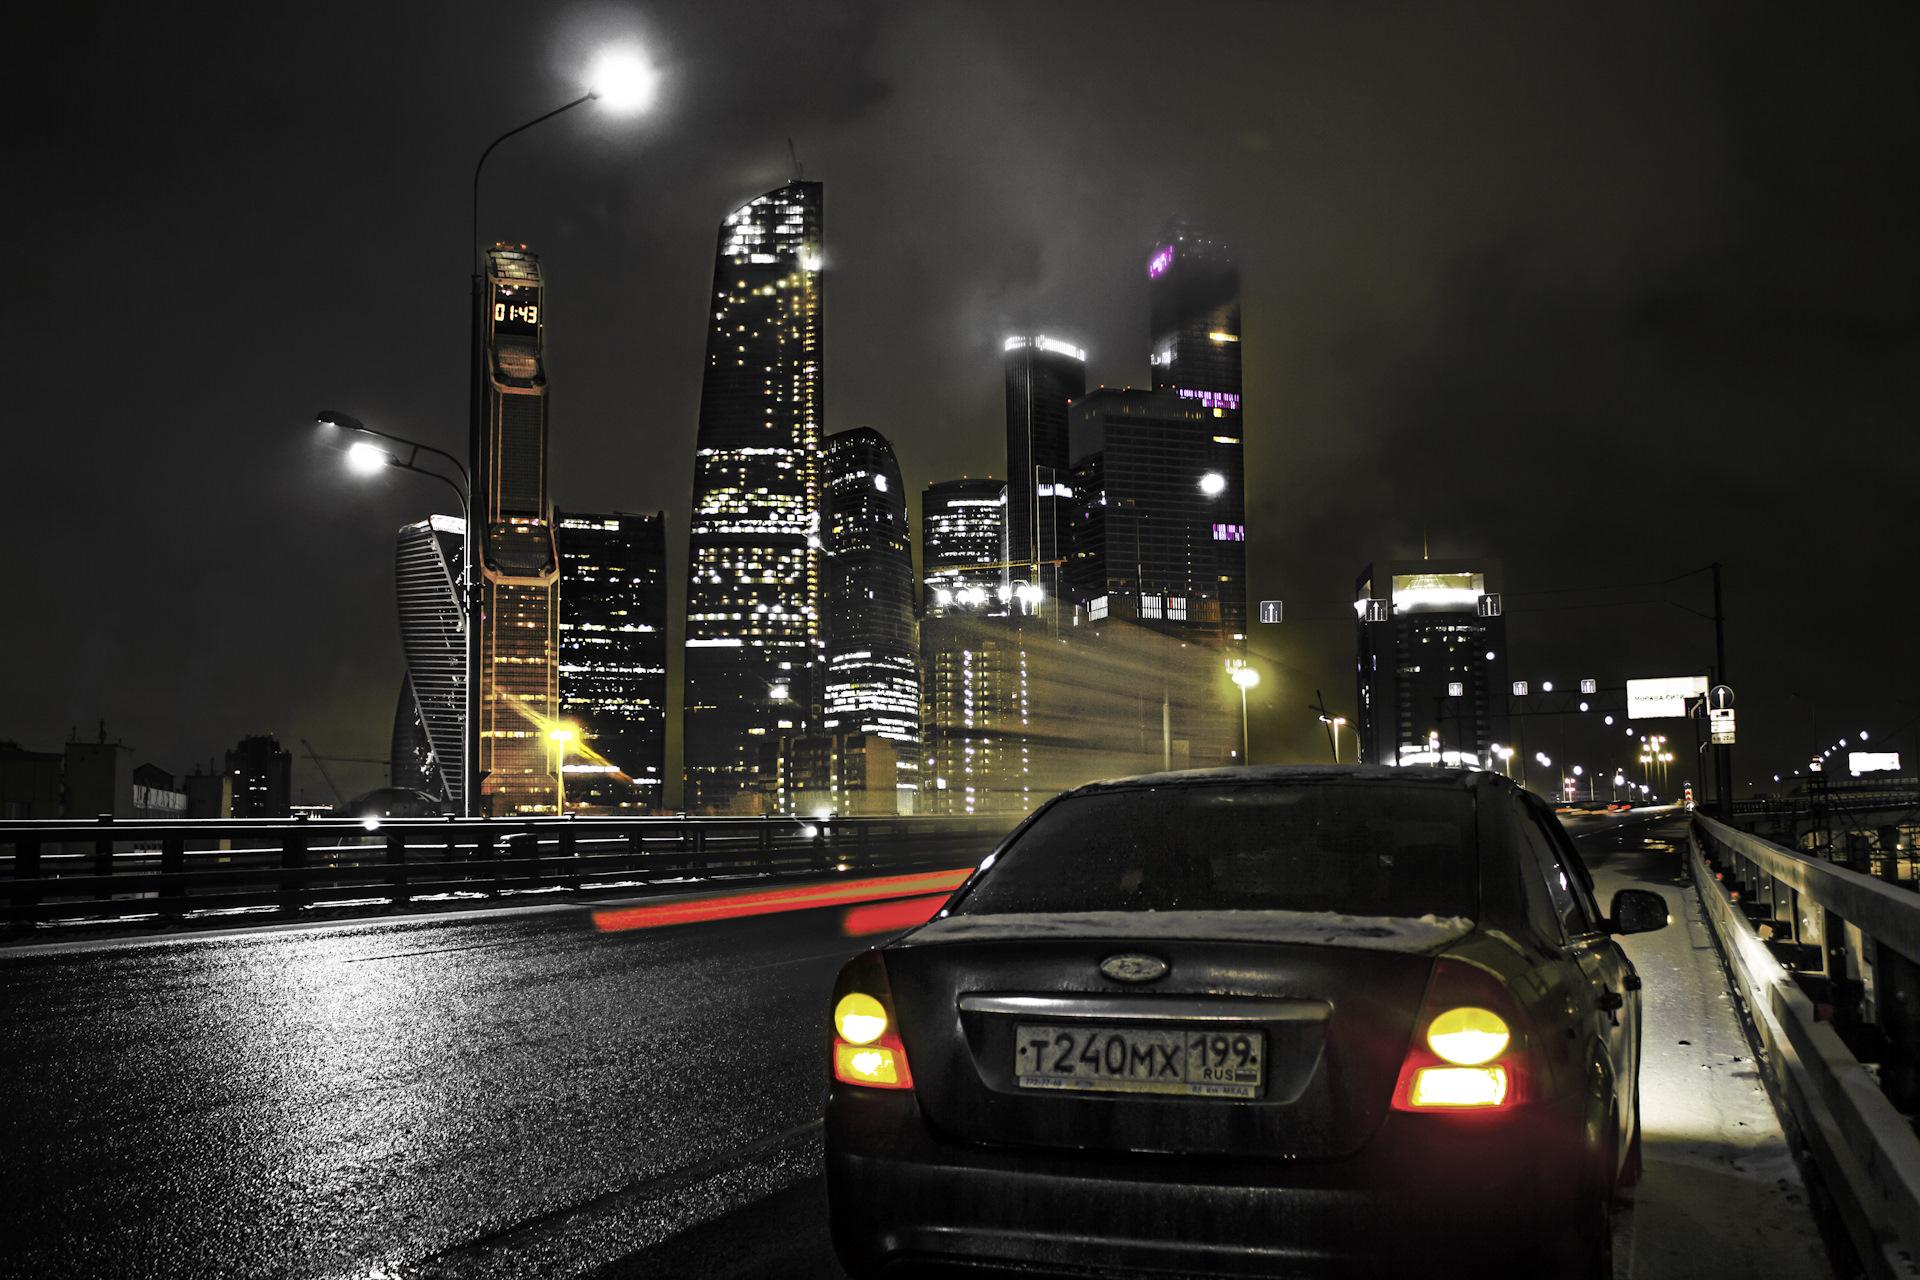 гамма фото ночного города с машины если нет вариантов